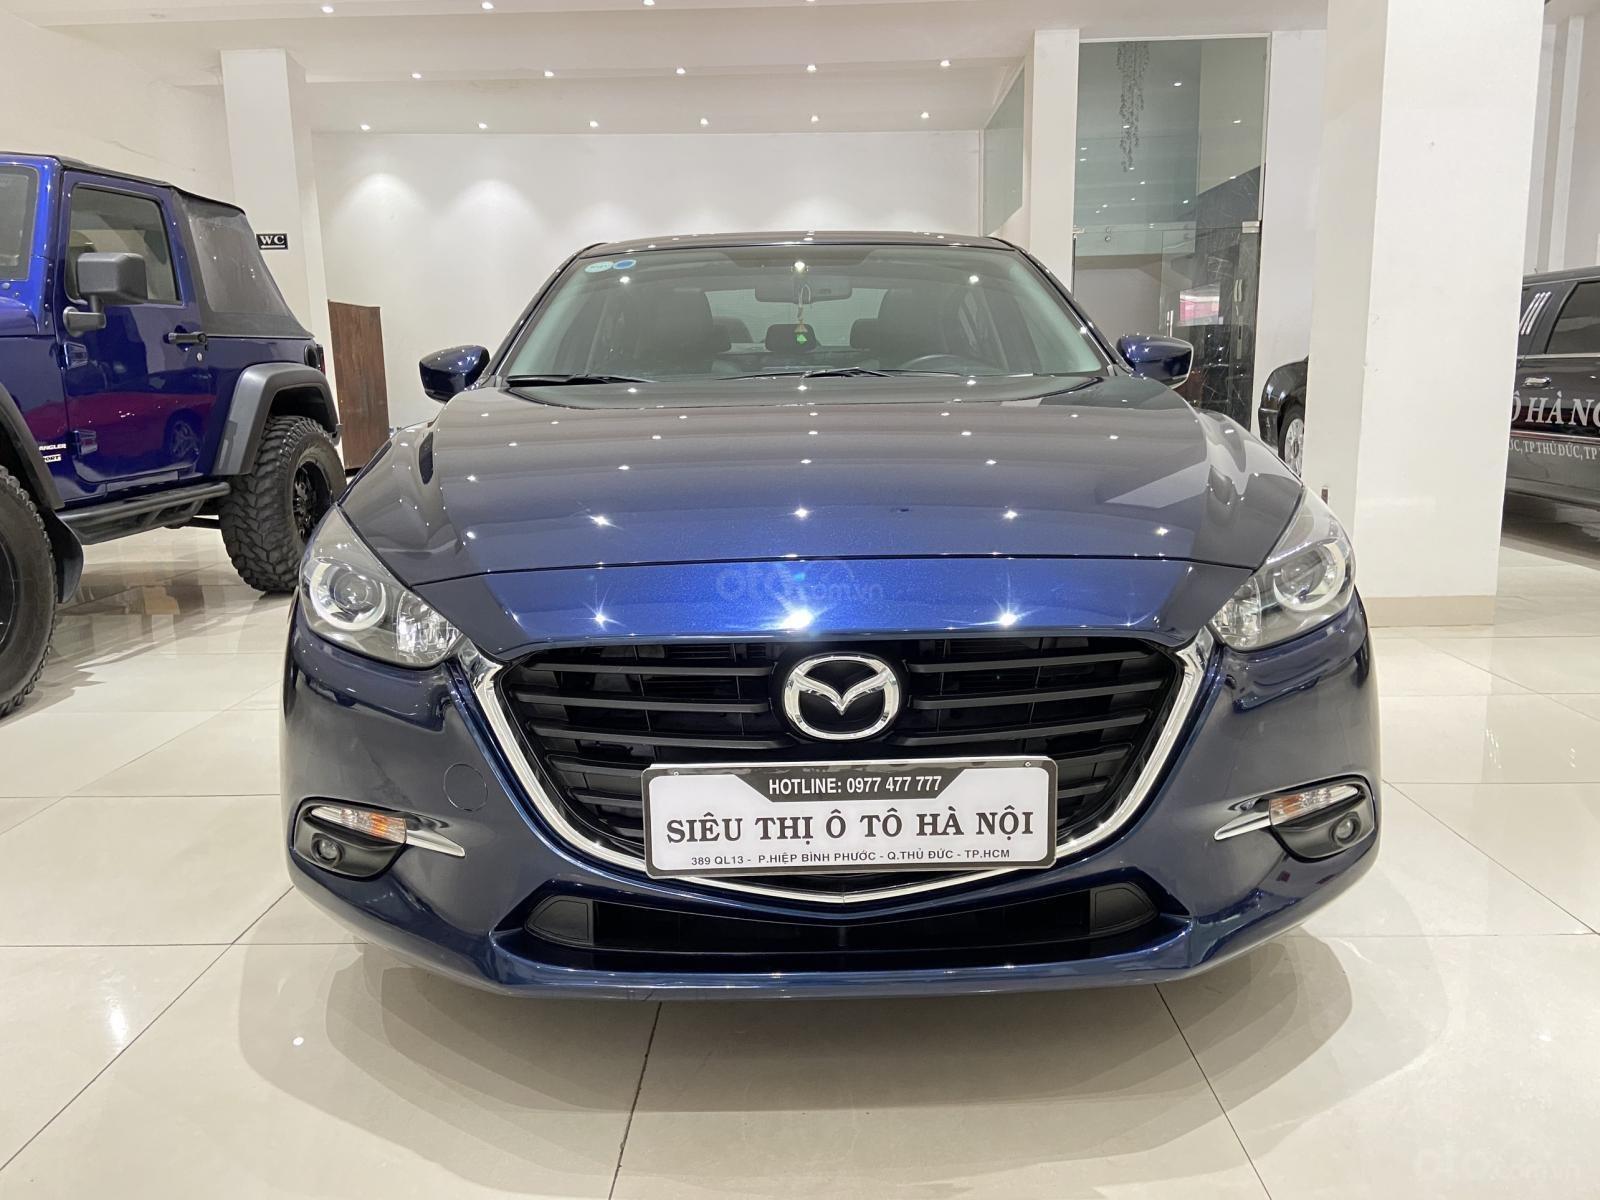 Bán xe Mazda 3 năm sản xuất 2019, xe màu xanh lam, xe gia đình mới đi 25.000 km (1)